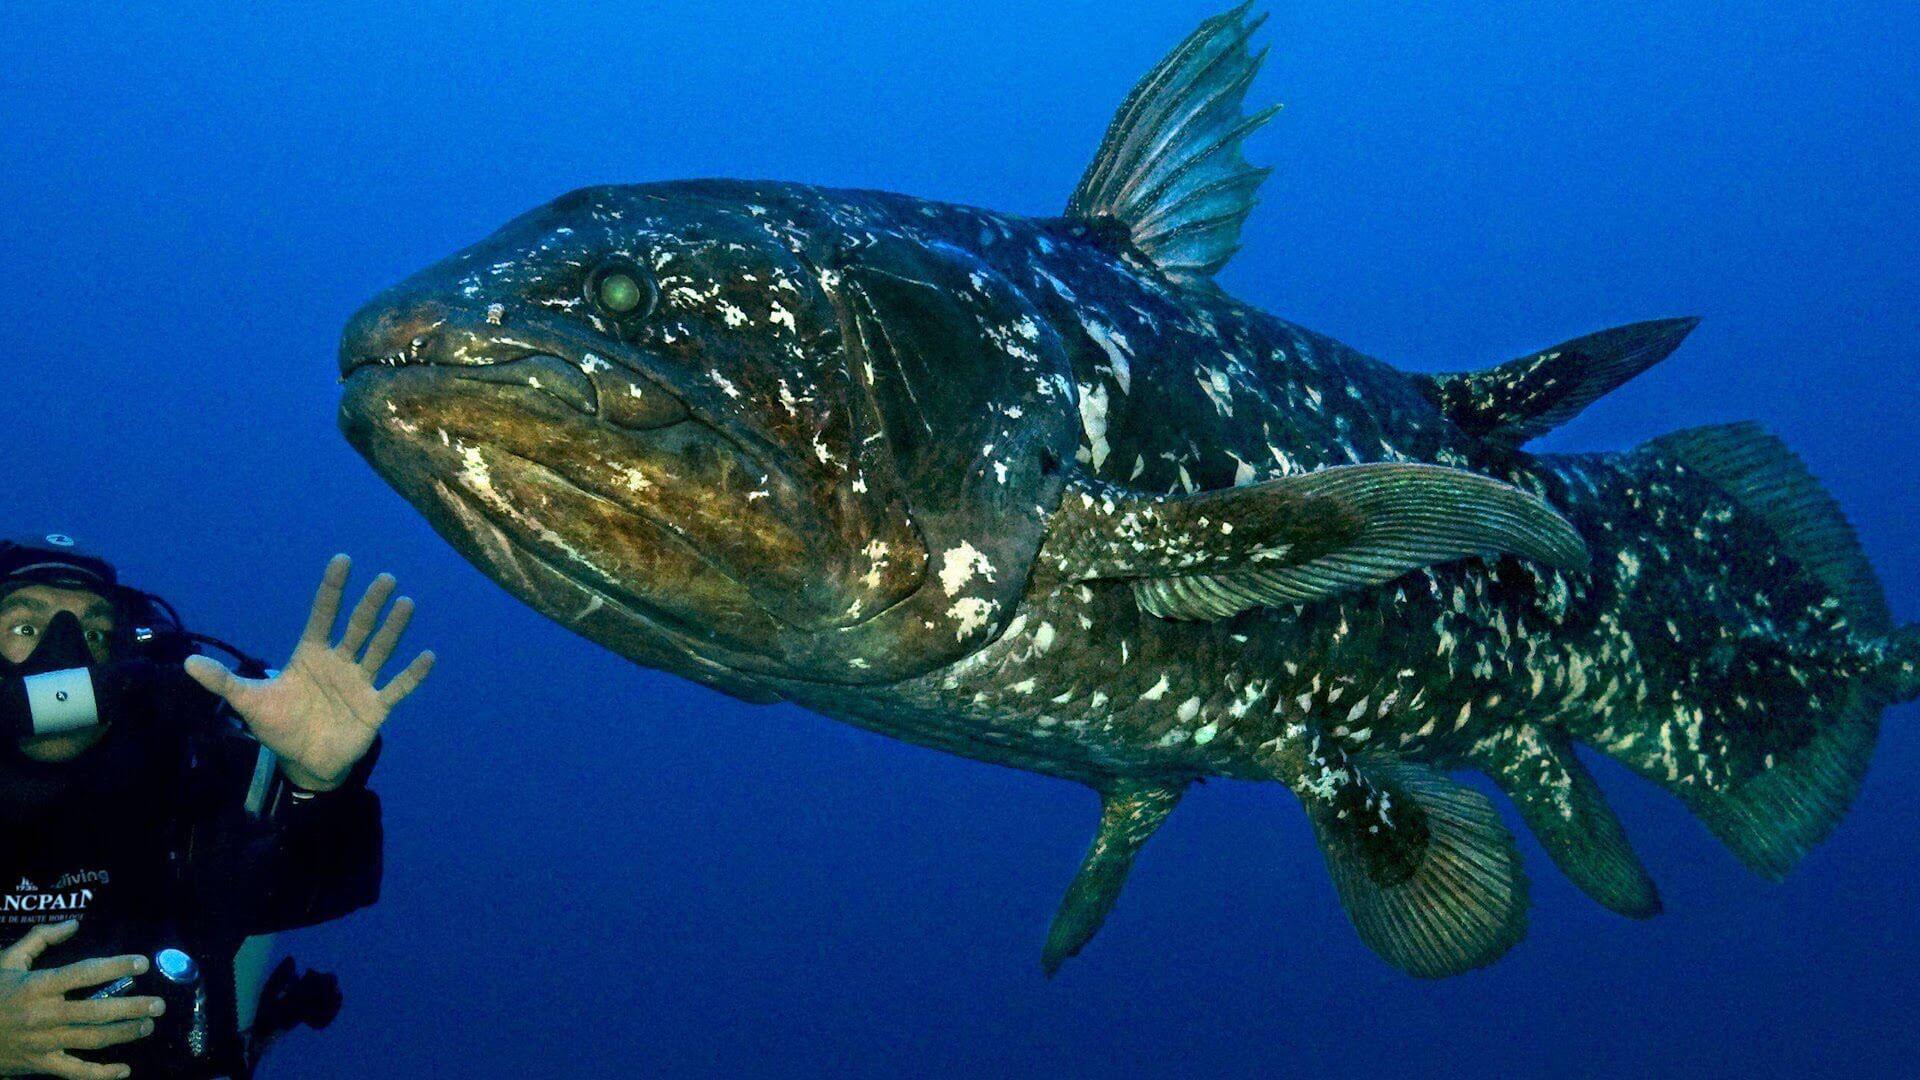 Ejemplar de celacanto nadando en el mar.